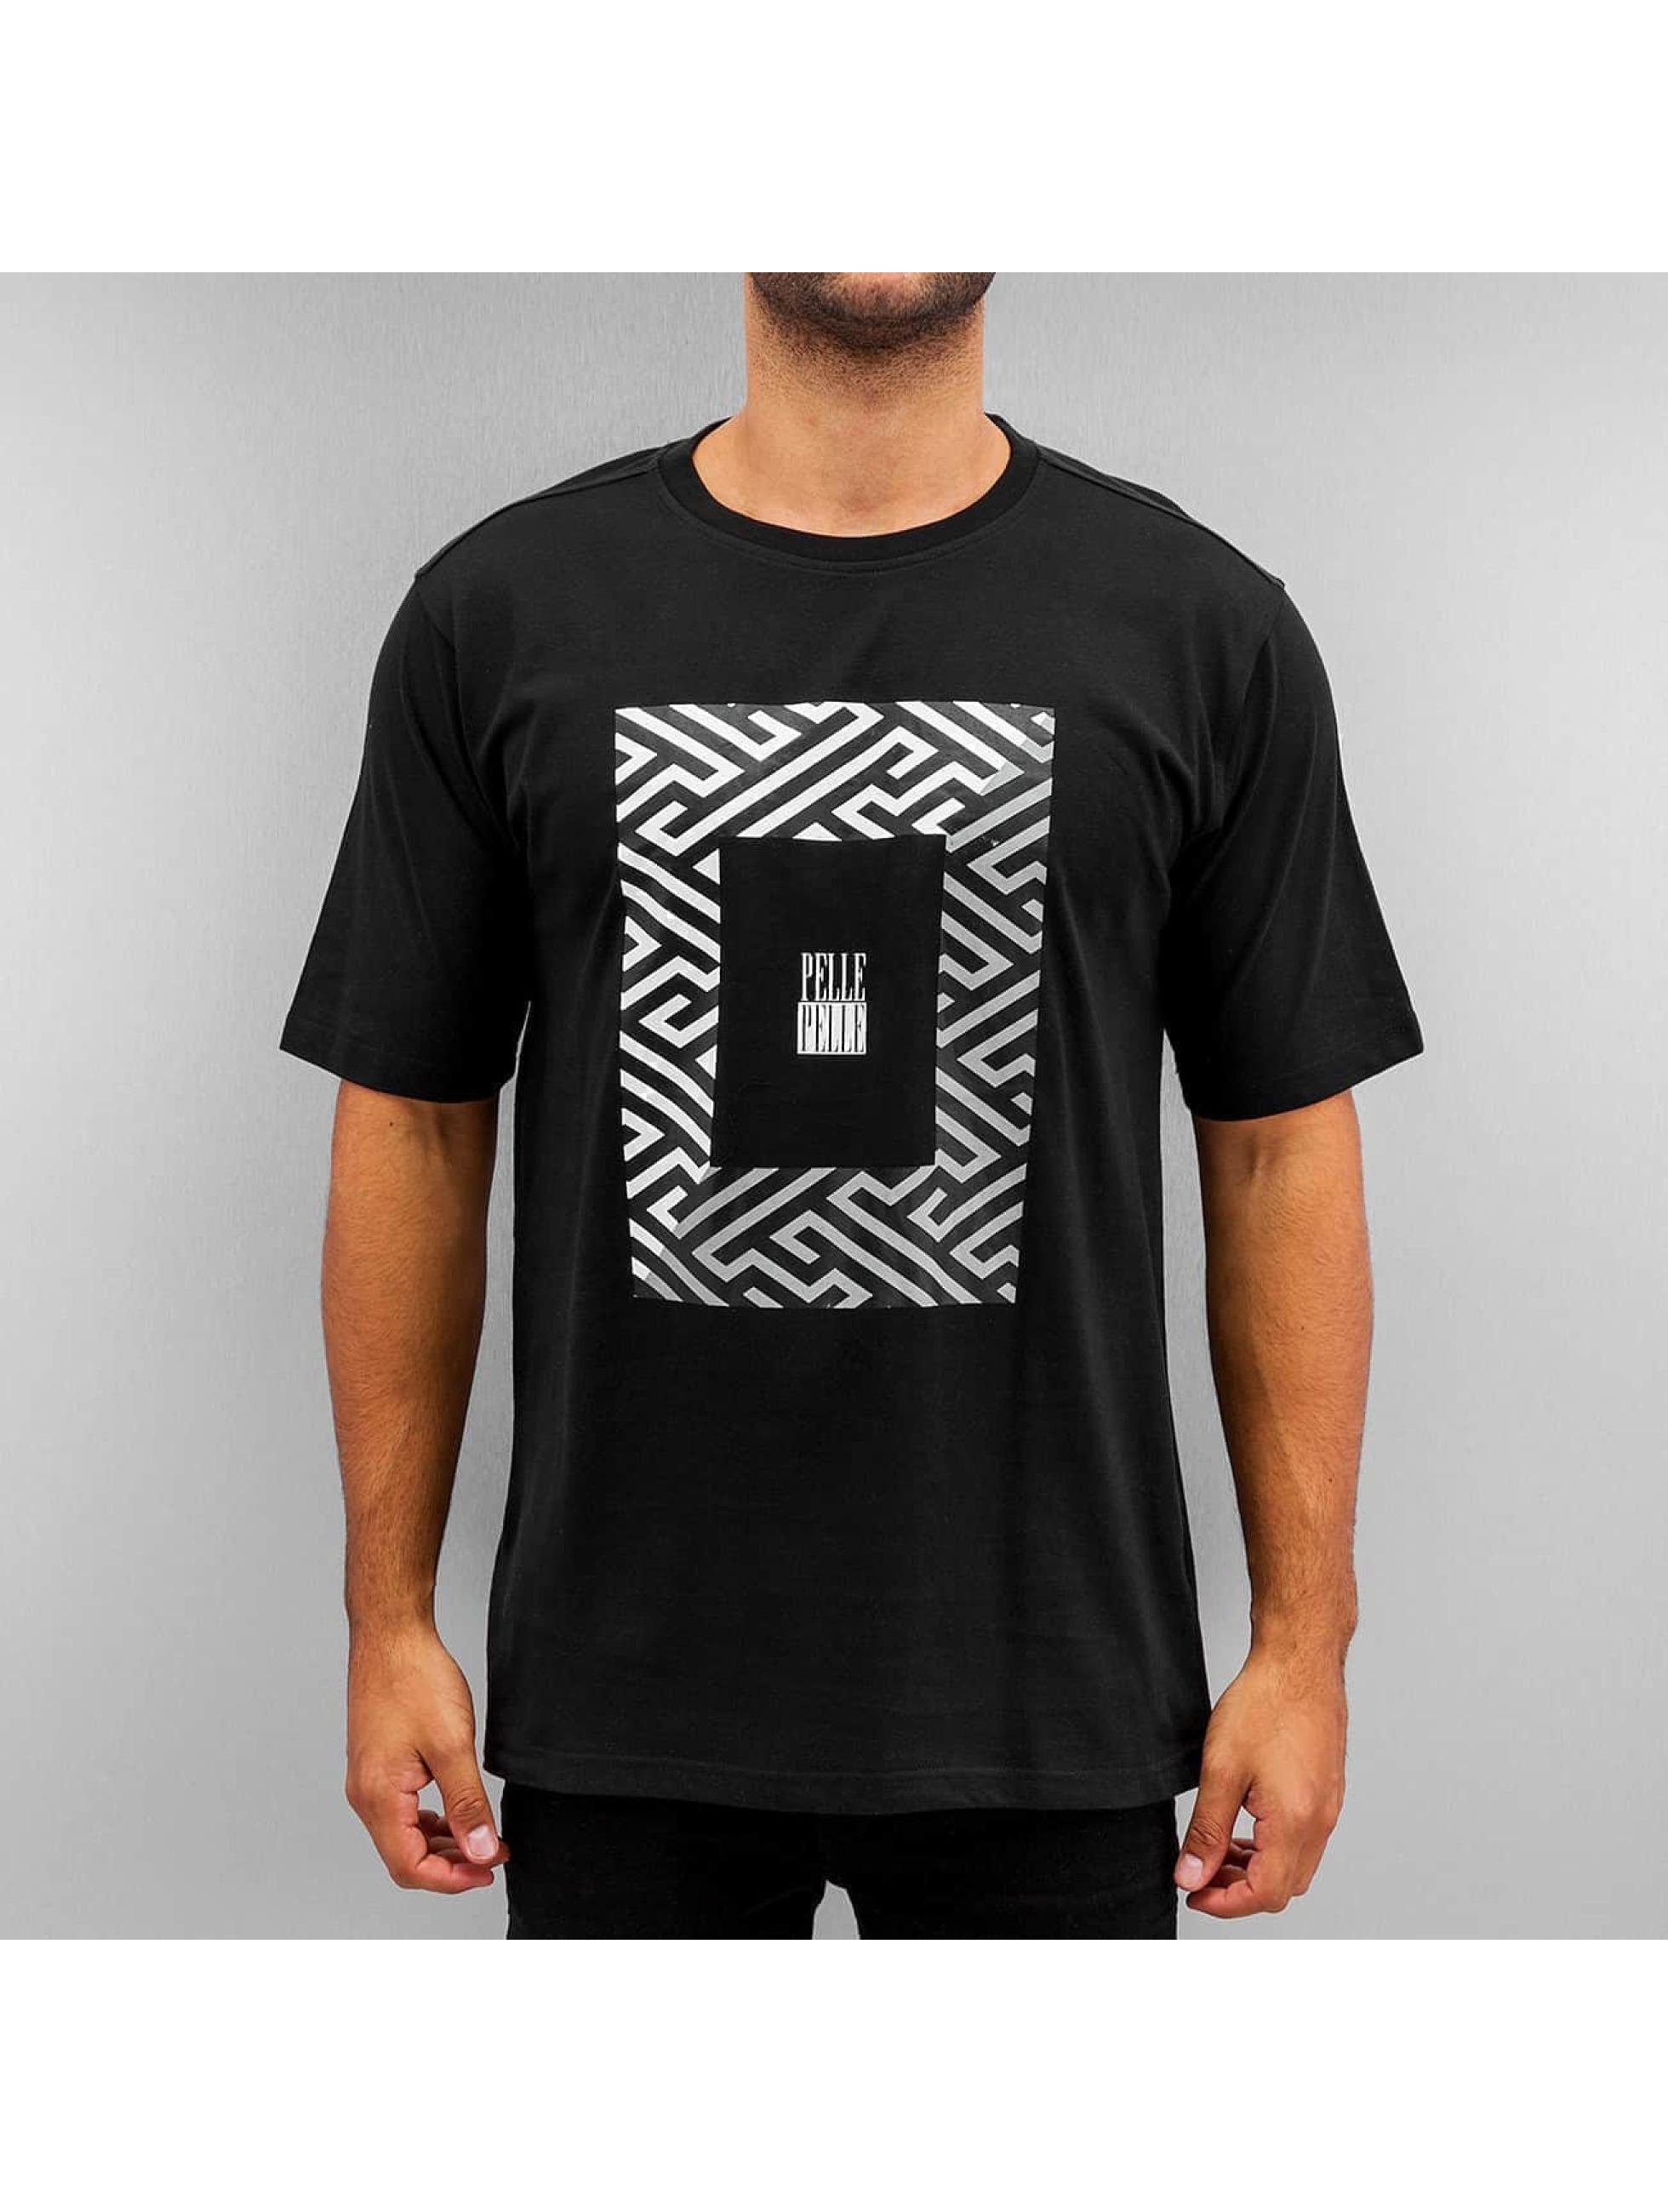 Pelle Pelle T-skjorter Dark Maze svart